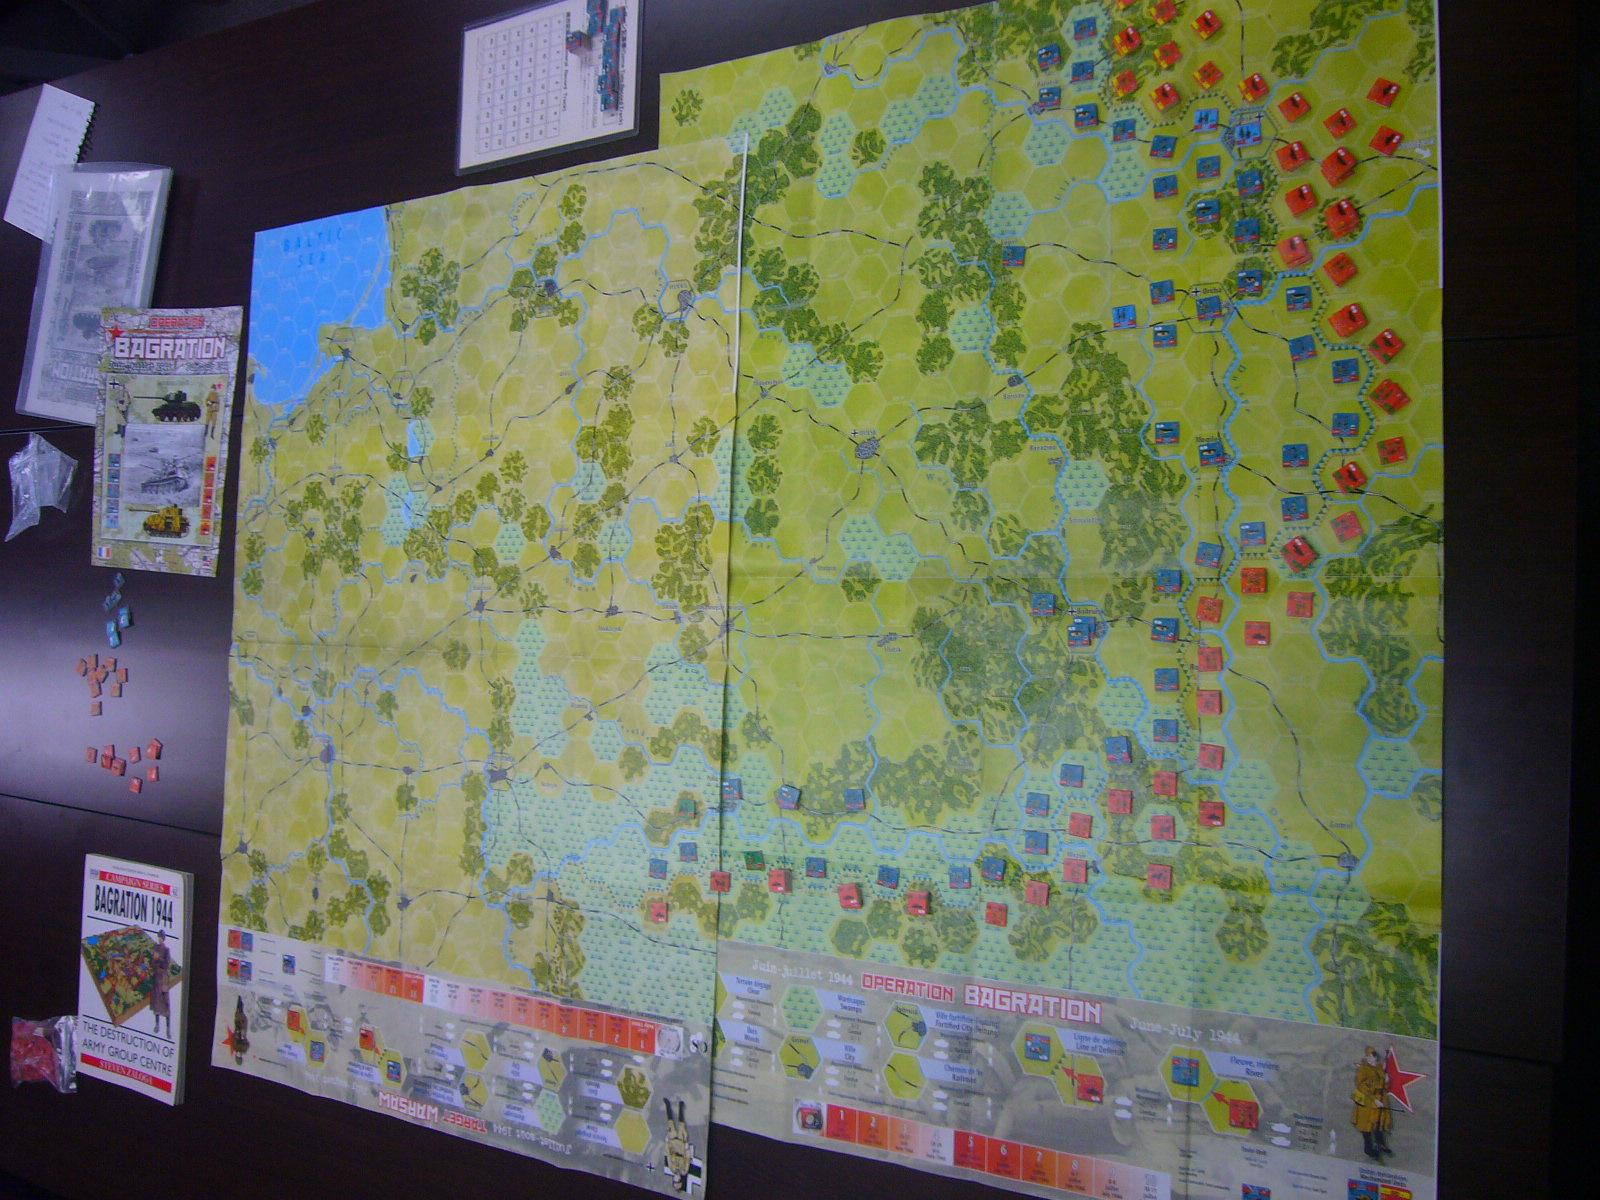 YSGA 9月例会の様子その3(仏C&H社製の東部戦線1944 『バグラチオン作戦』+『ワルシャワ蜂起』)その❶_b0173672_00034157.jpg